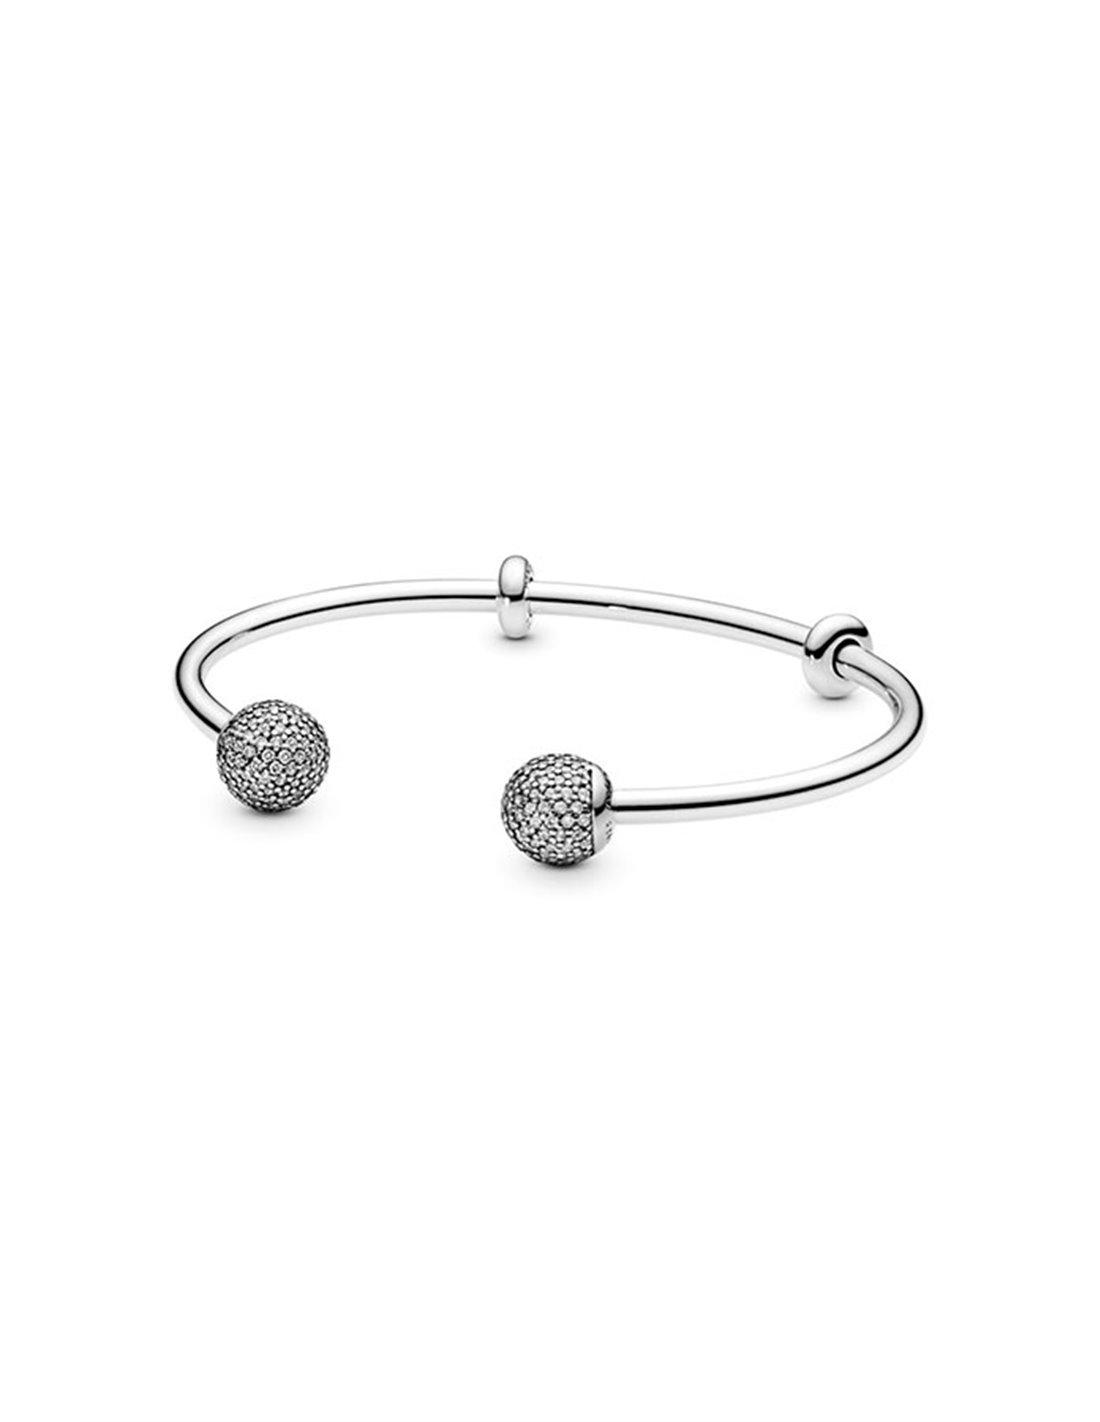 596438cz 2 Pandora Bracelet Silver Rygid